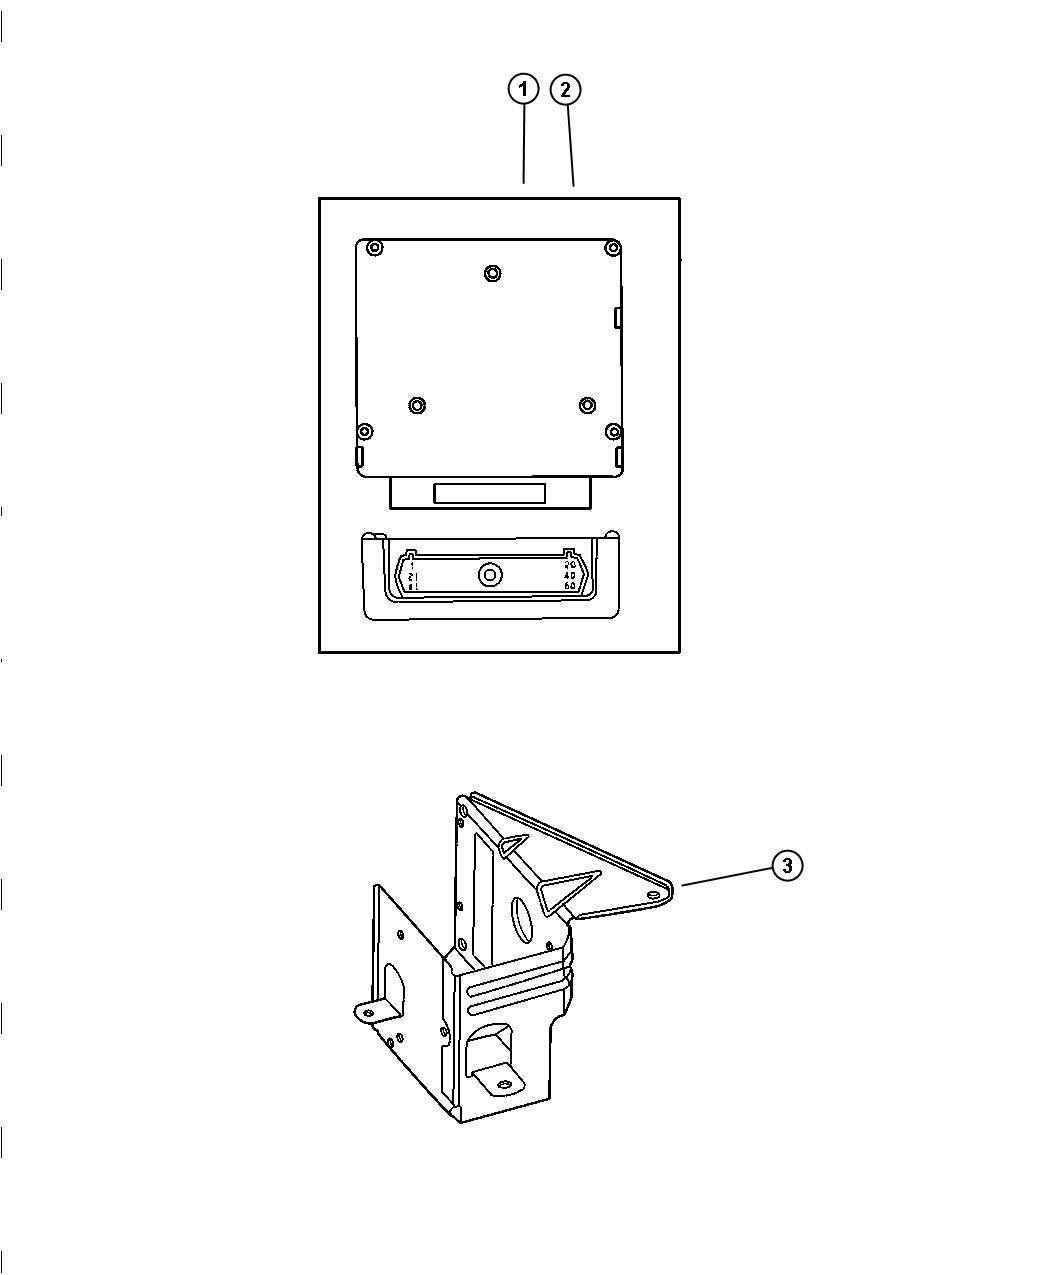 Chrysler Sebring Wiring Repair Package Powertrain Control